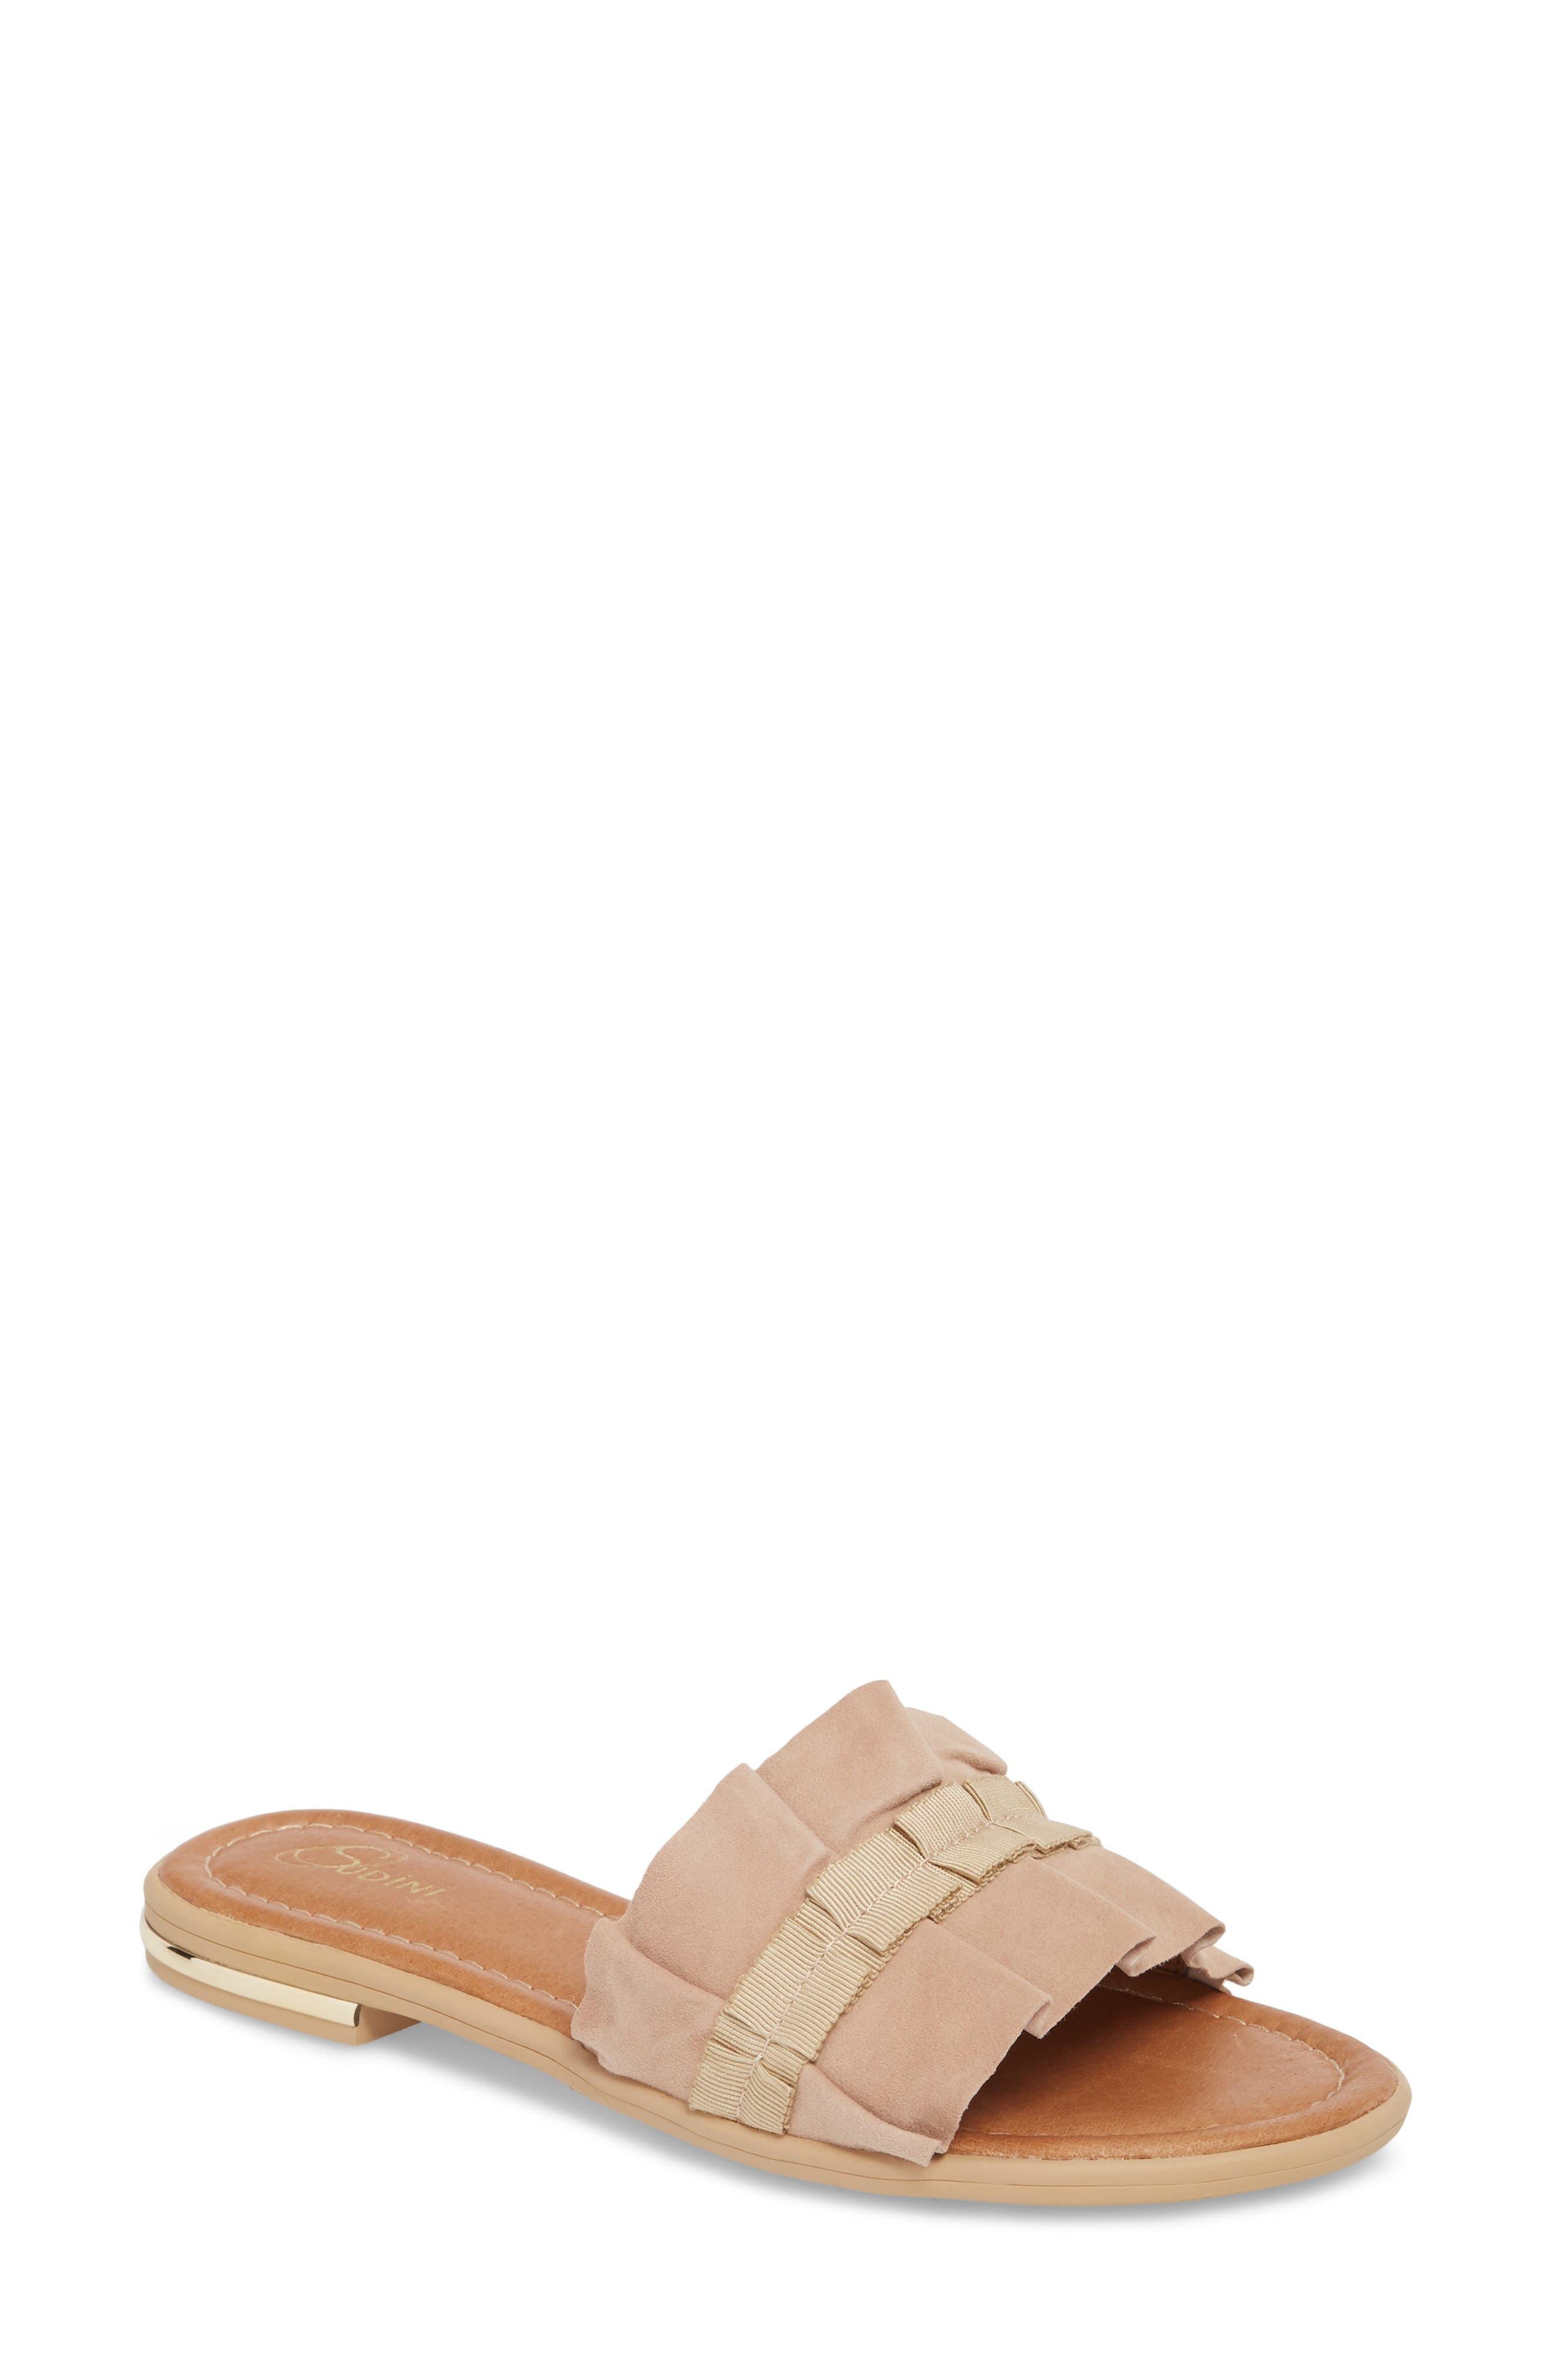 Ravenna Slide Sandal,                         Main,                         color, NUDE SUEDE